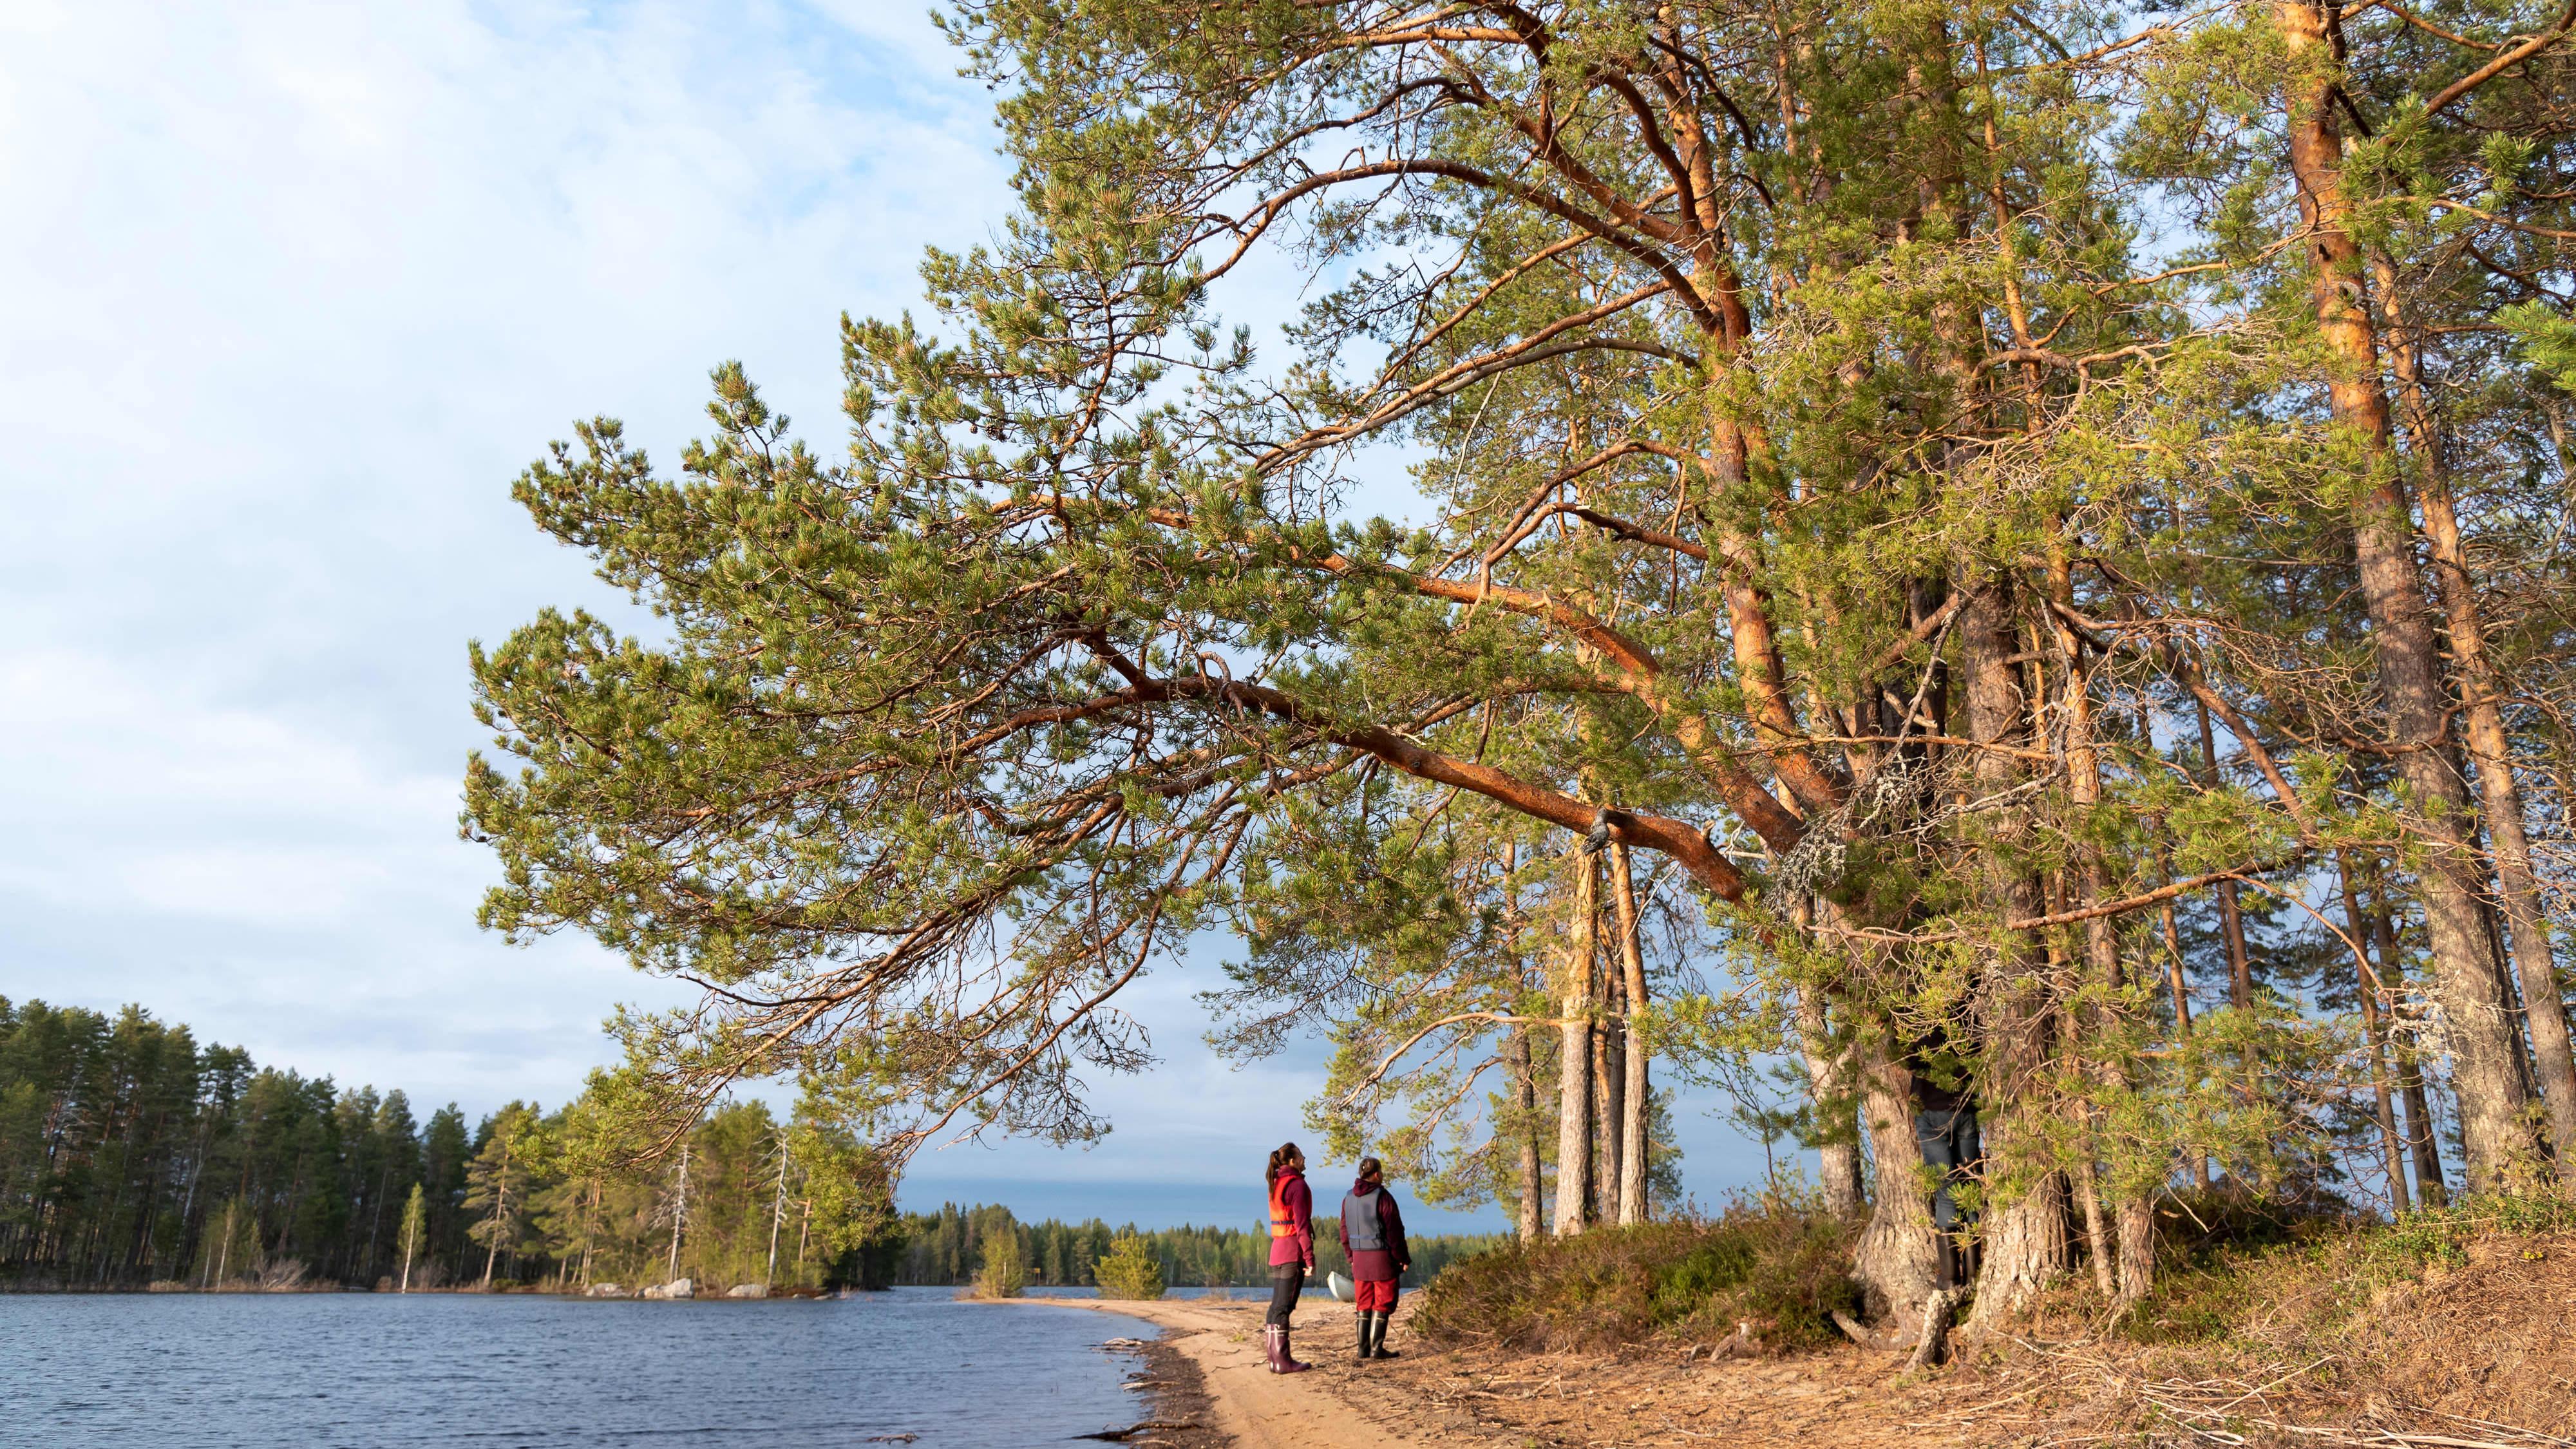 Ystävyyden puistoon liitettävä Harakkasaari